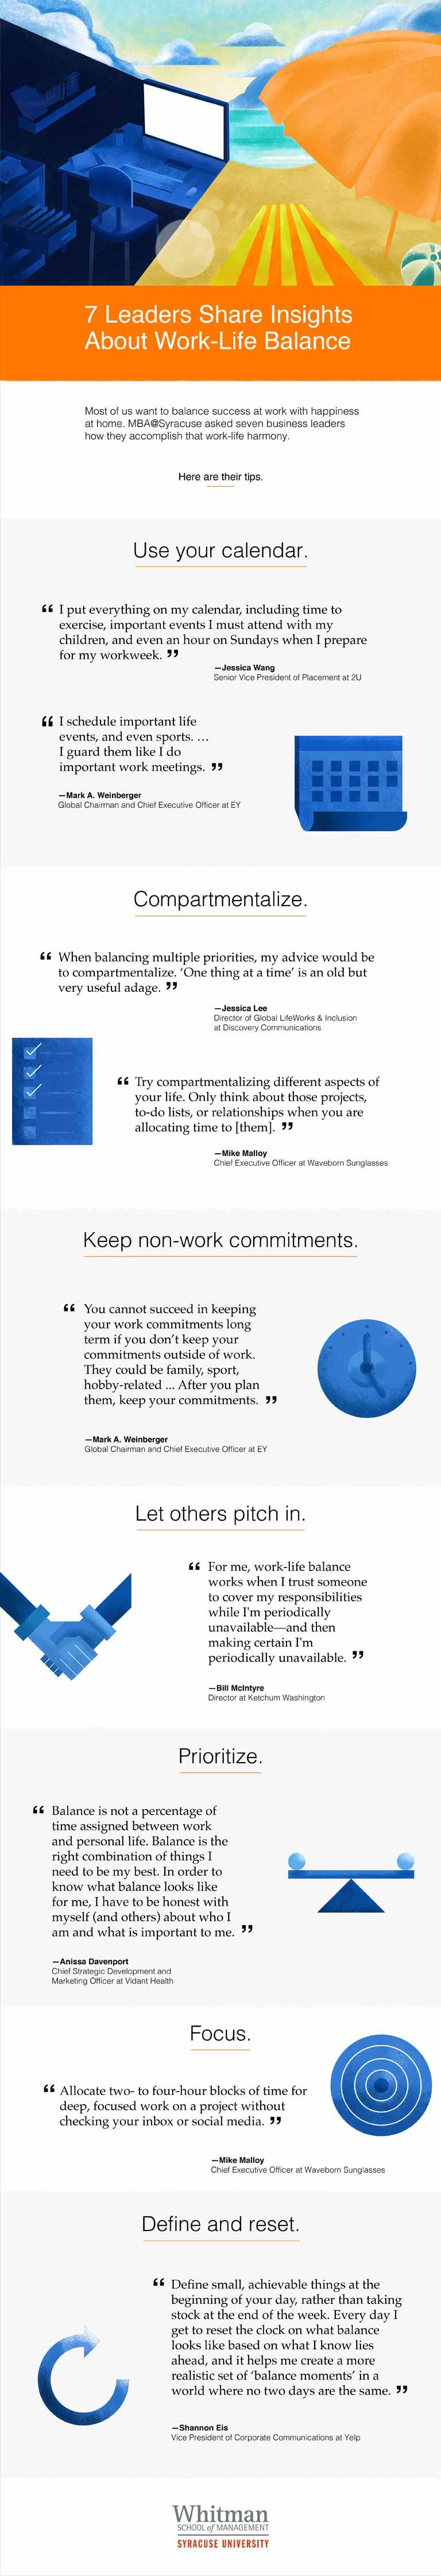 tips-on-work-life-balance-infographic